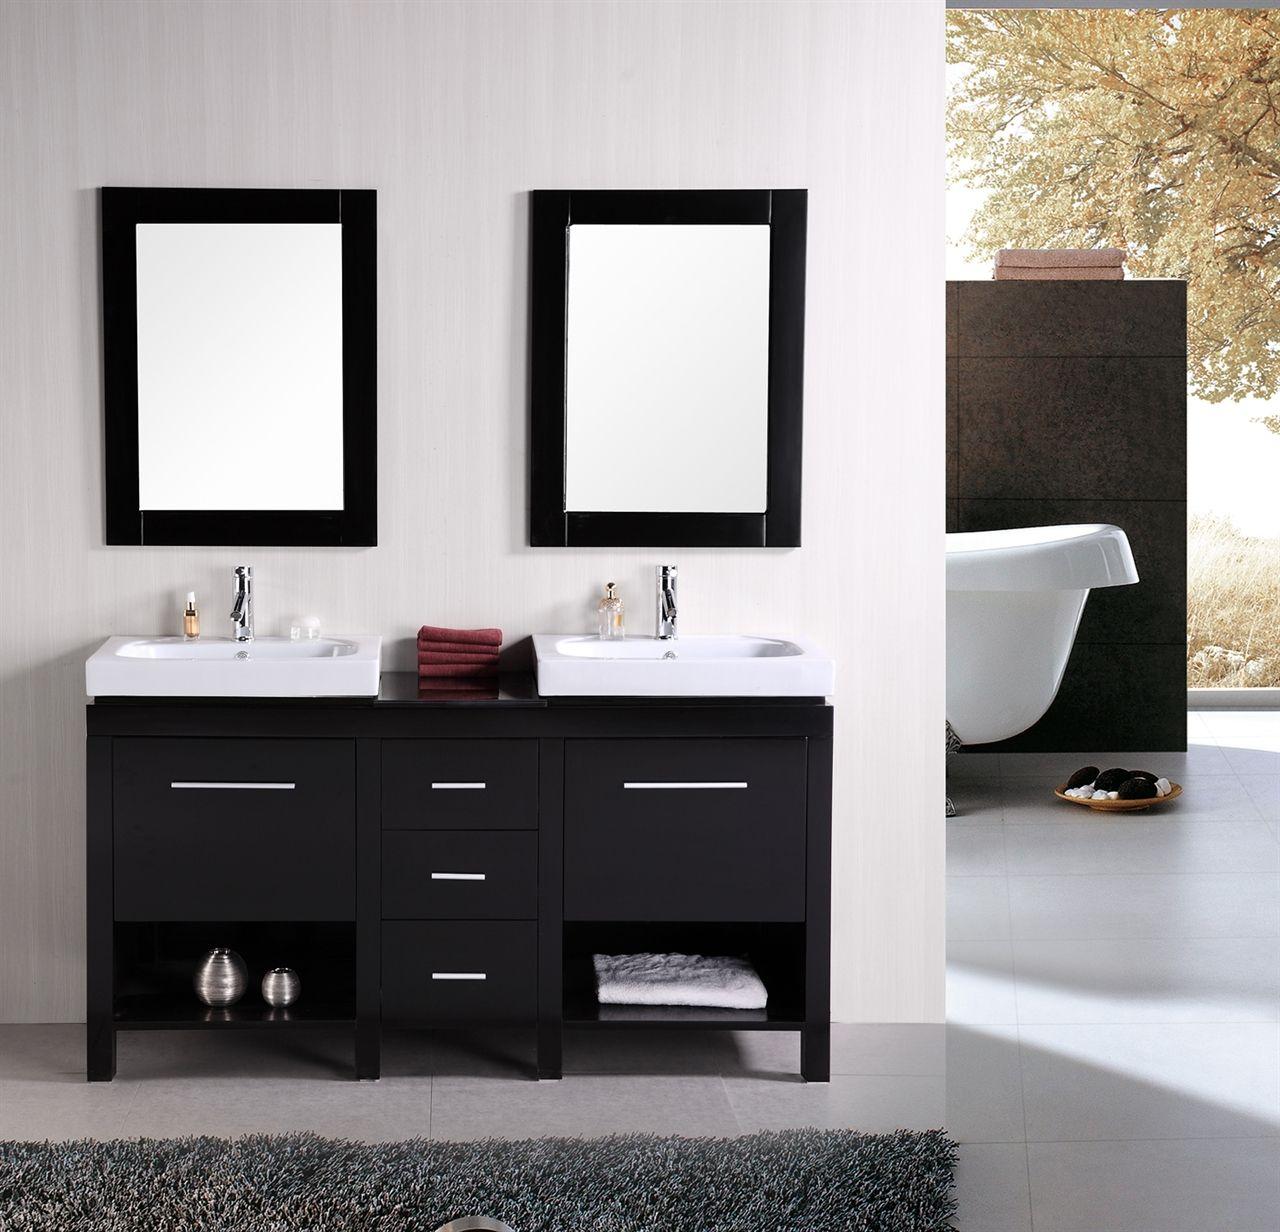 Modern Bathroom Vanities New York Entrancing Double Vessel Sink Vanity In Black With White